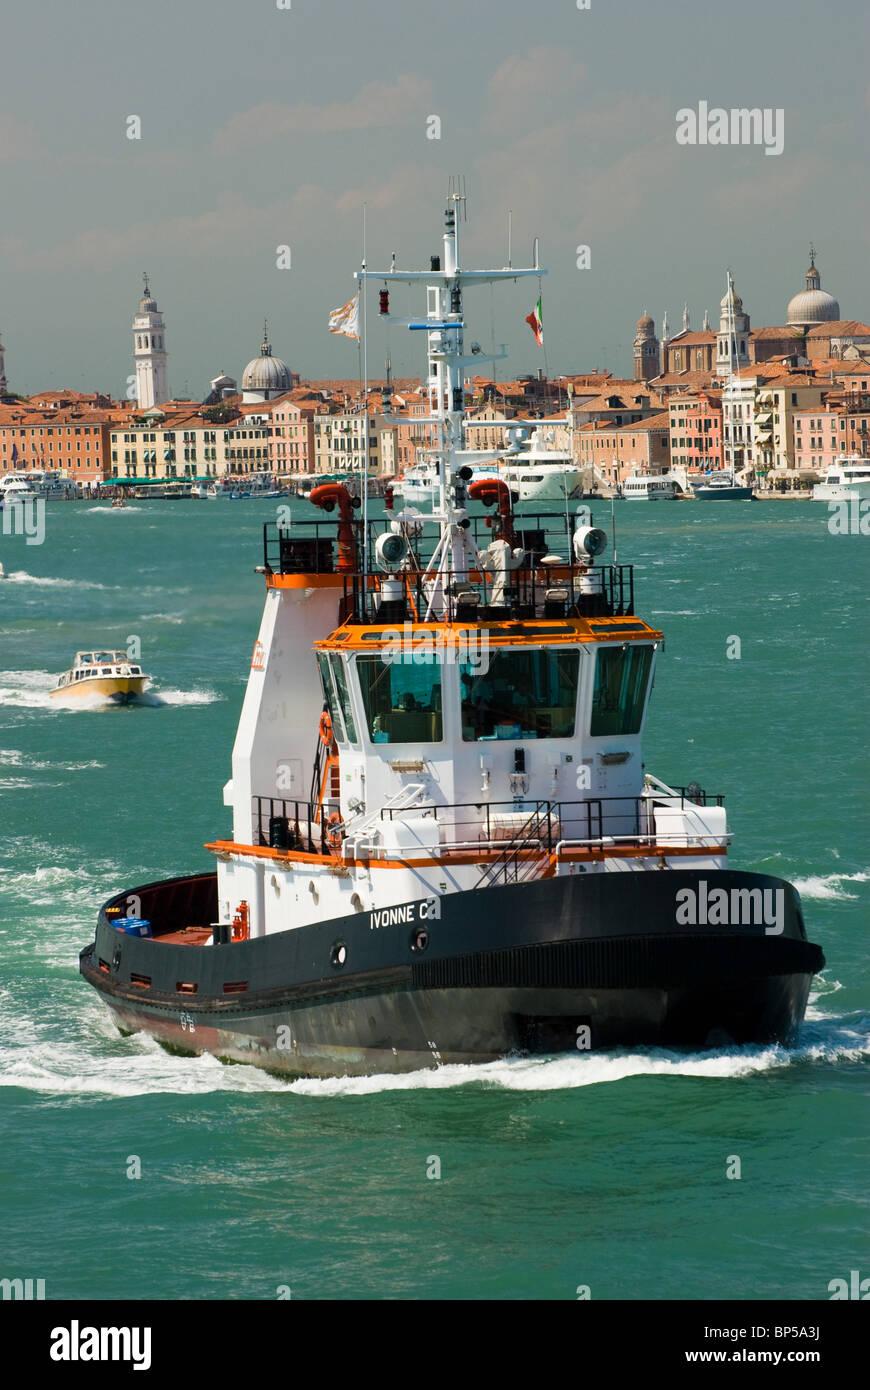 Tug boat on Canale della Giudecca, the approach to Venice, Italy near Lido di Venezia.. - Stock Image